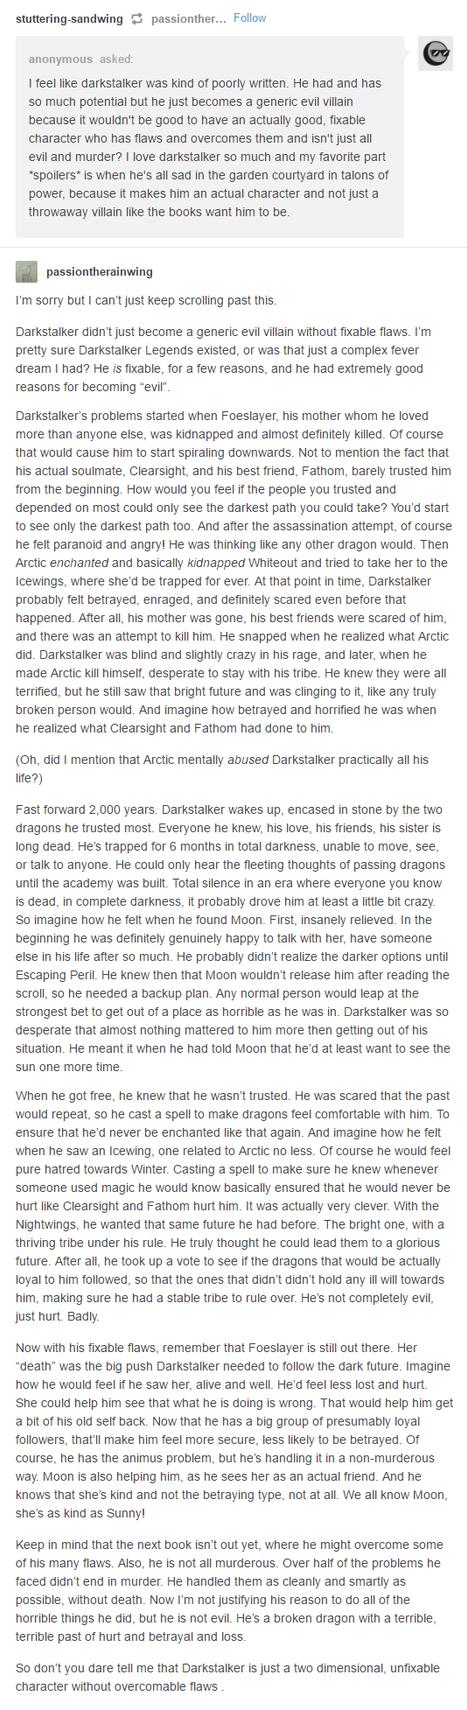 DarkStalker Preach by xTheDragonRebornx